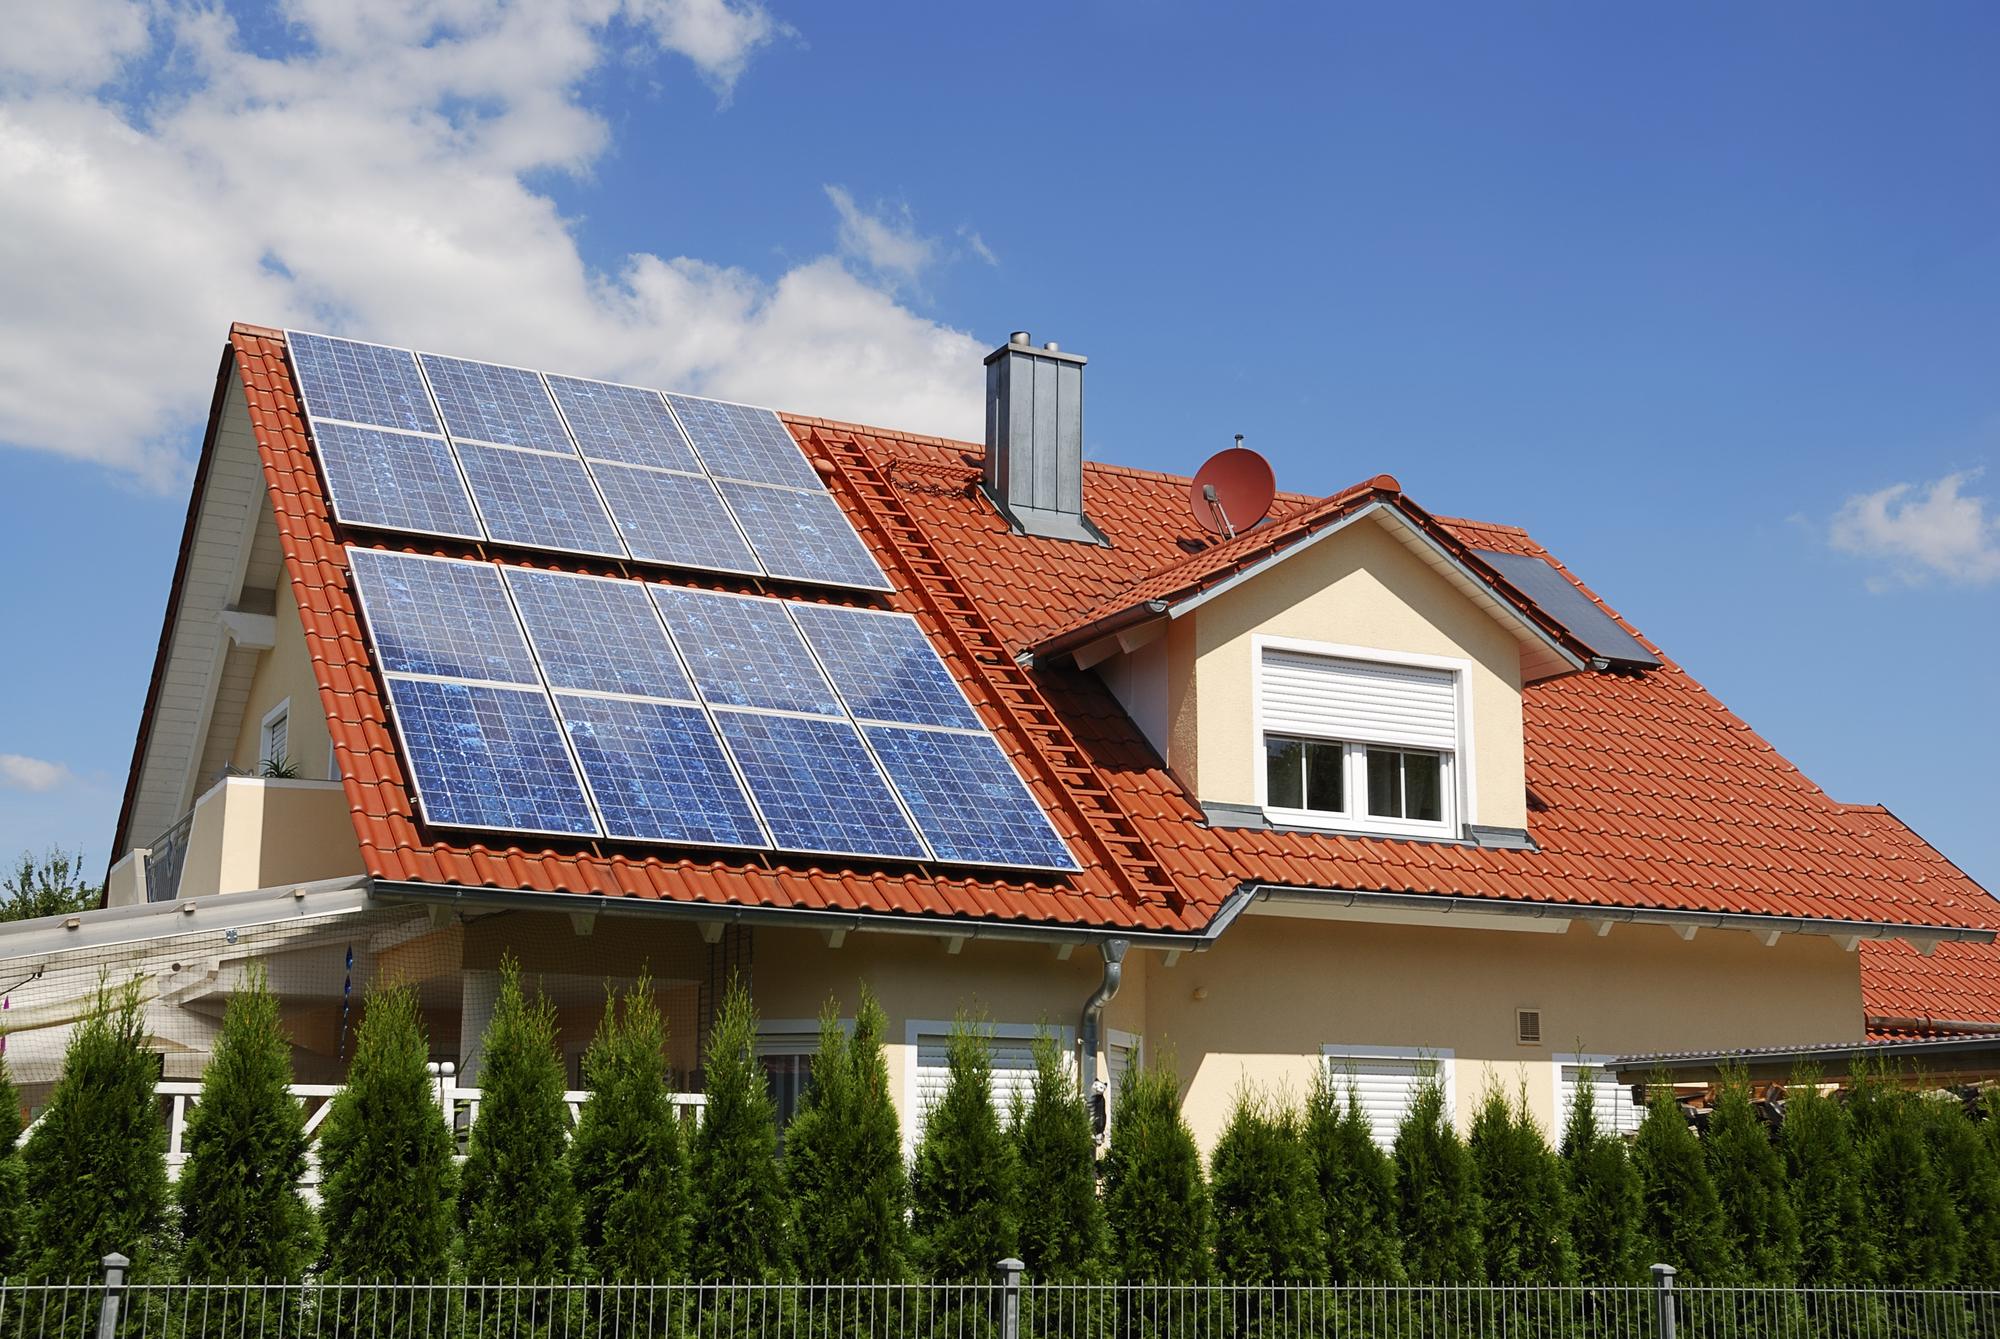 Casa en el campo con paneles solares en el tejado